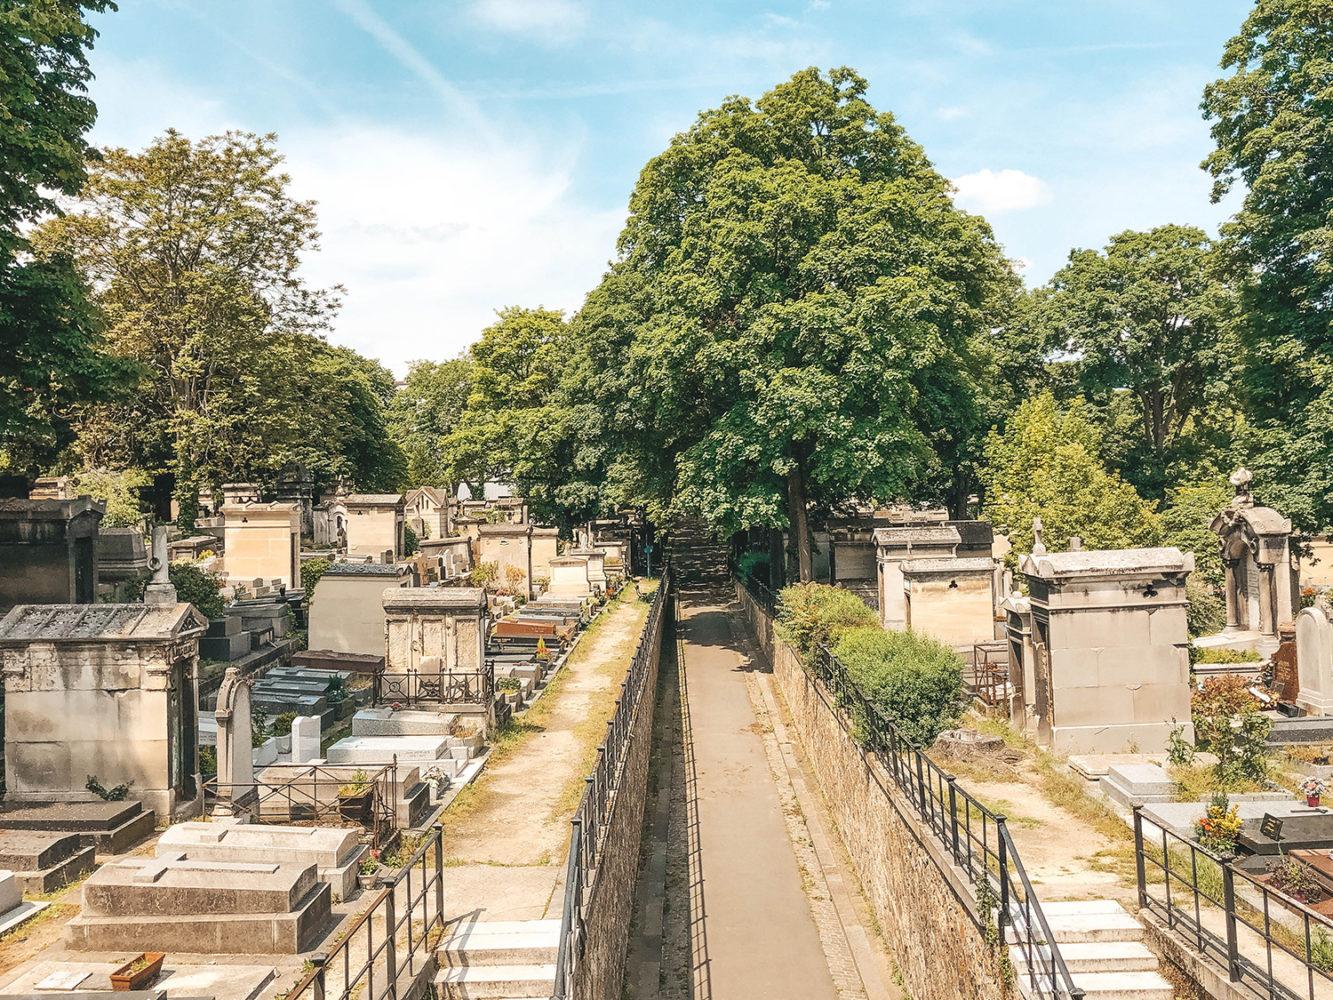 Vue du cimetière de Montmartre depuis la passerelle